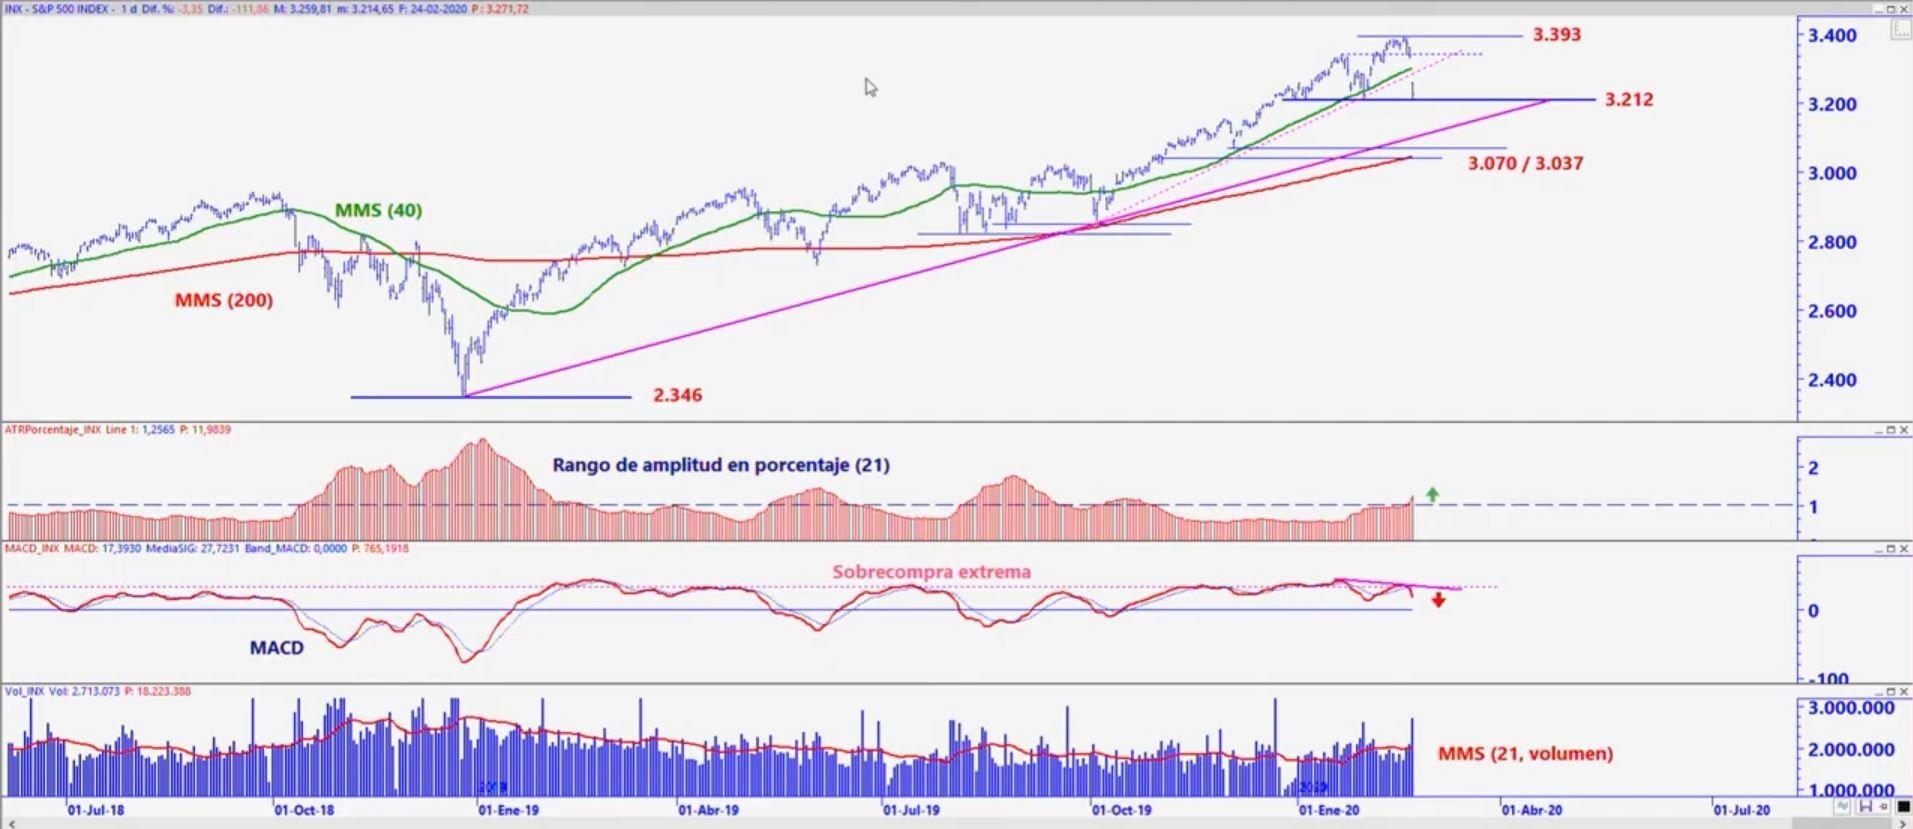 Análisis técnico S&P 500